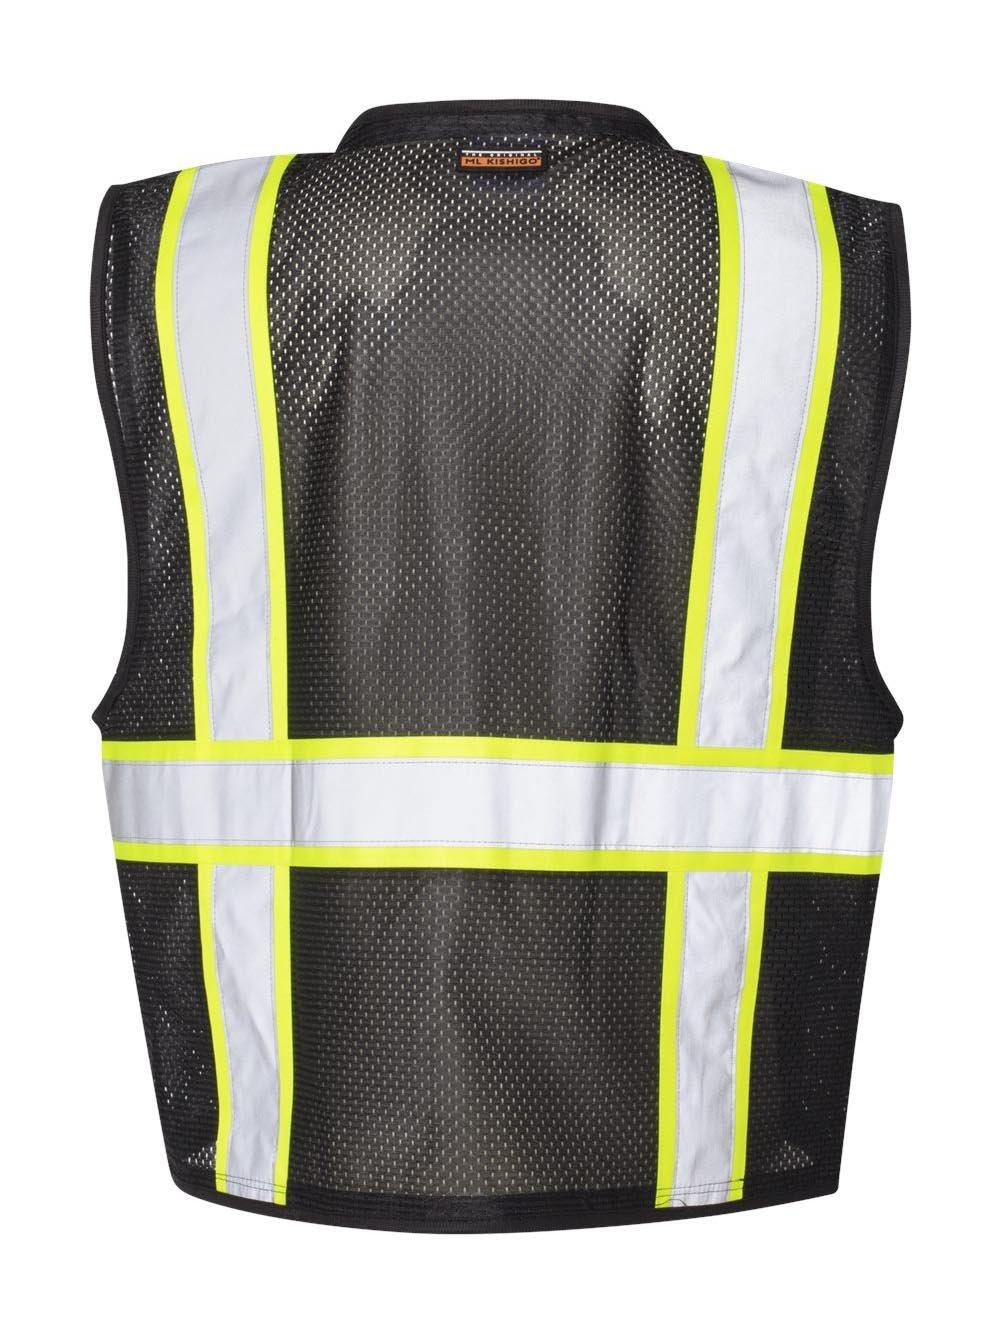 ML Kishigo Men's Enhanced Visibility Multi-Pocket Mesh Vest — Black, Small/Medium, Model# B-100-S-M by ML Kishigo